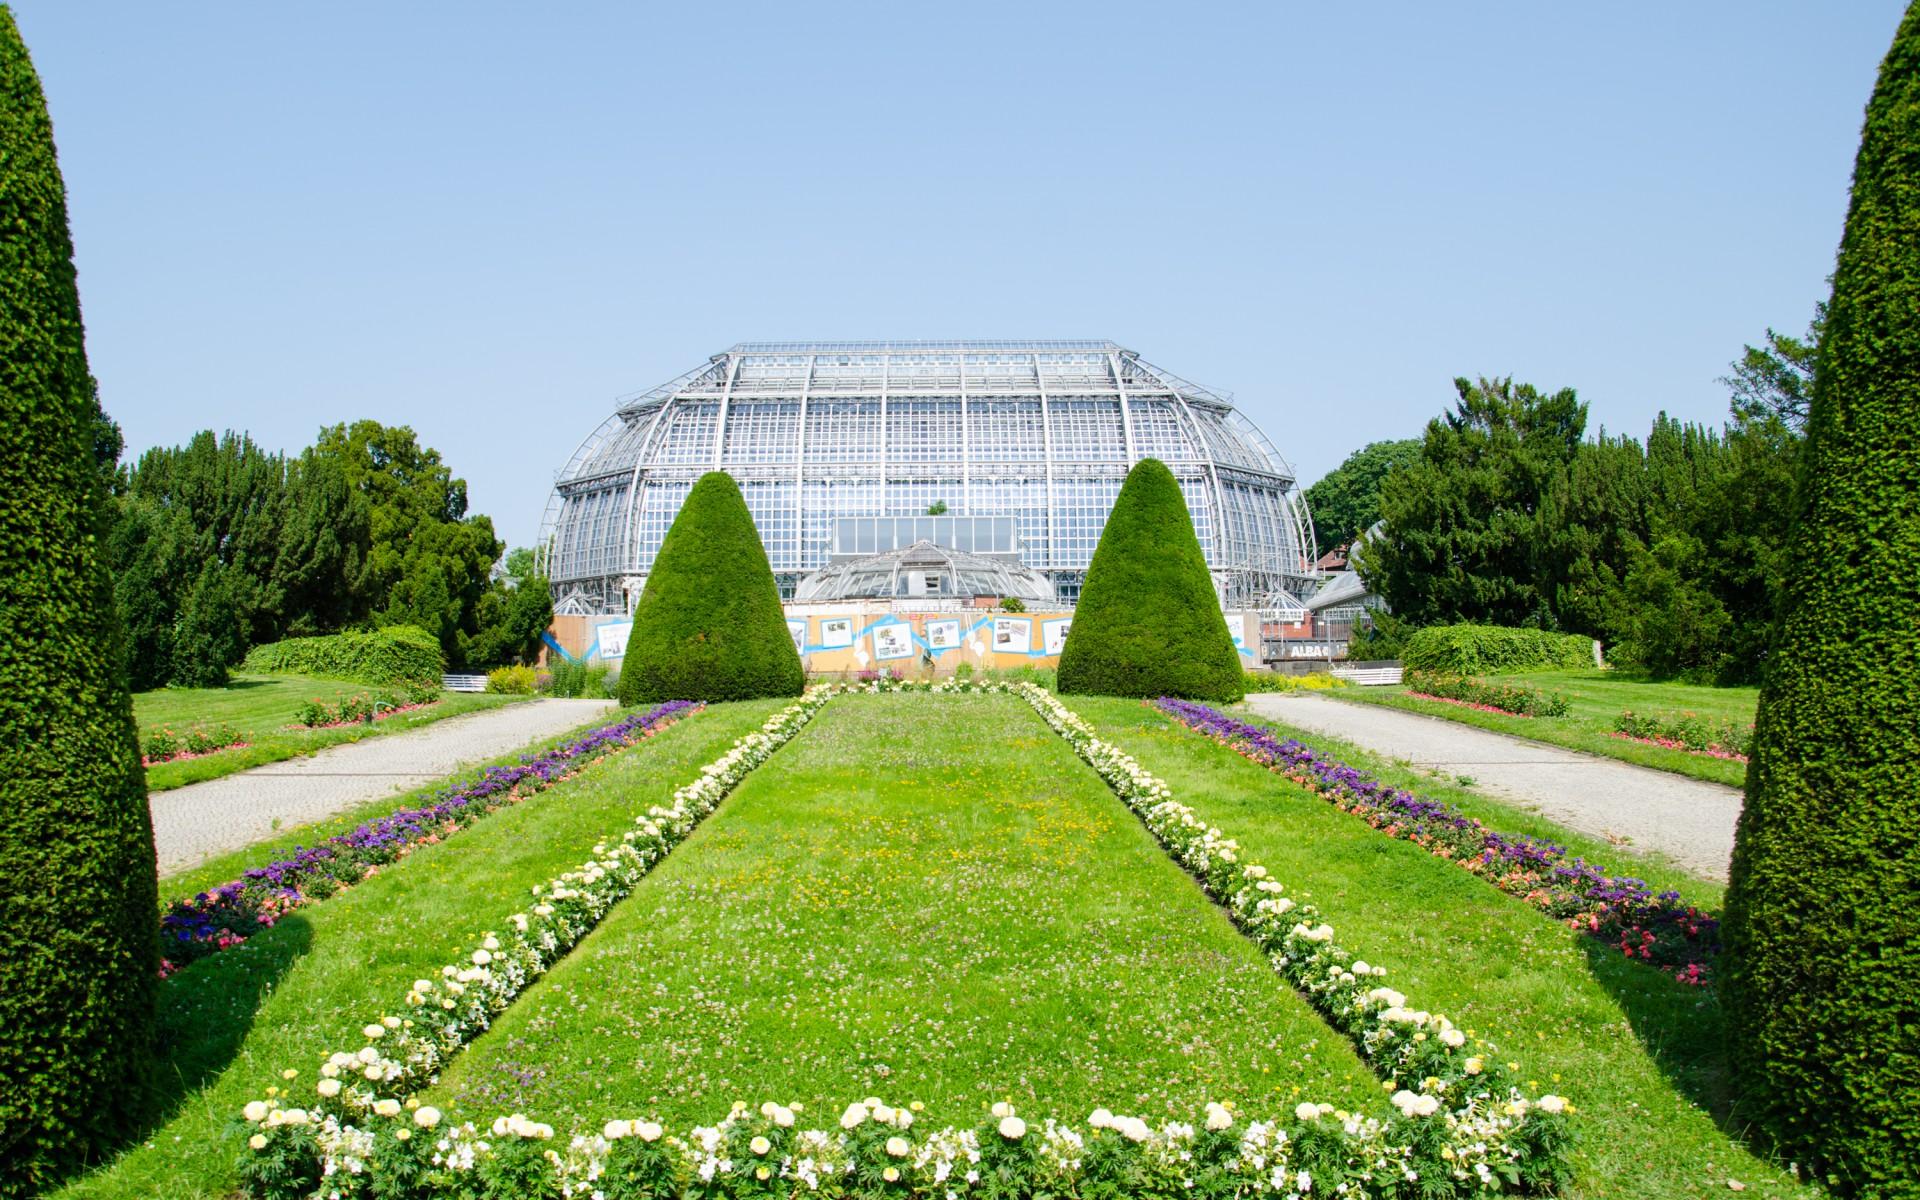 Botanischer garten  Botanische Gärten | Garten Europa